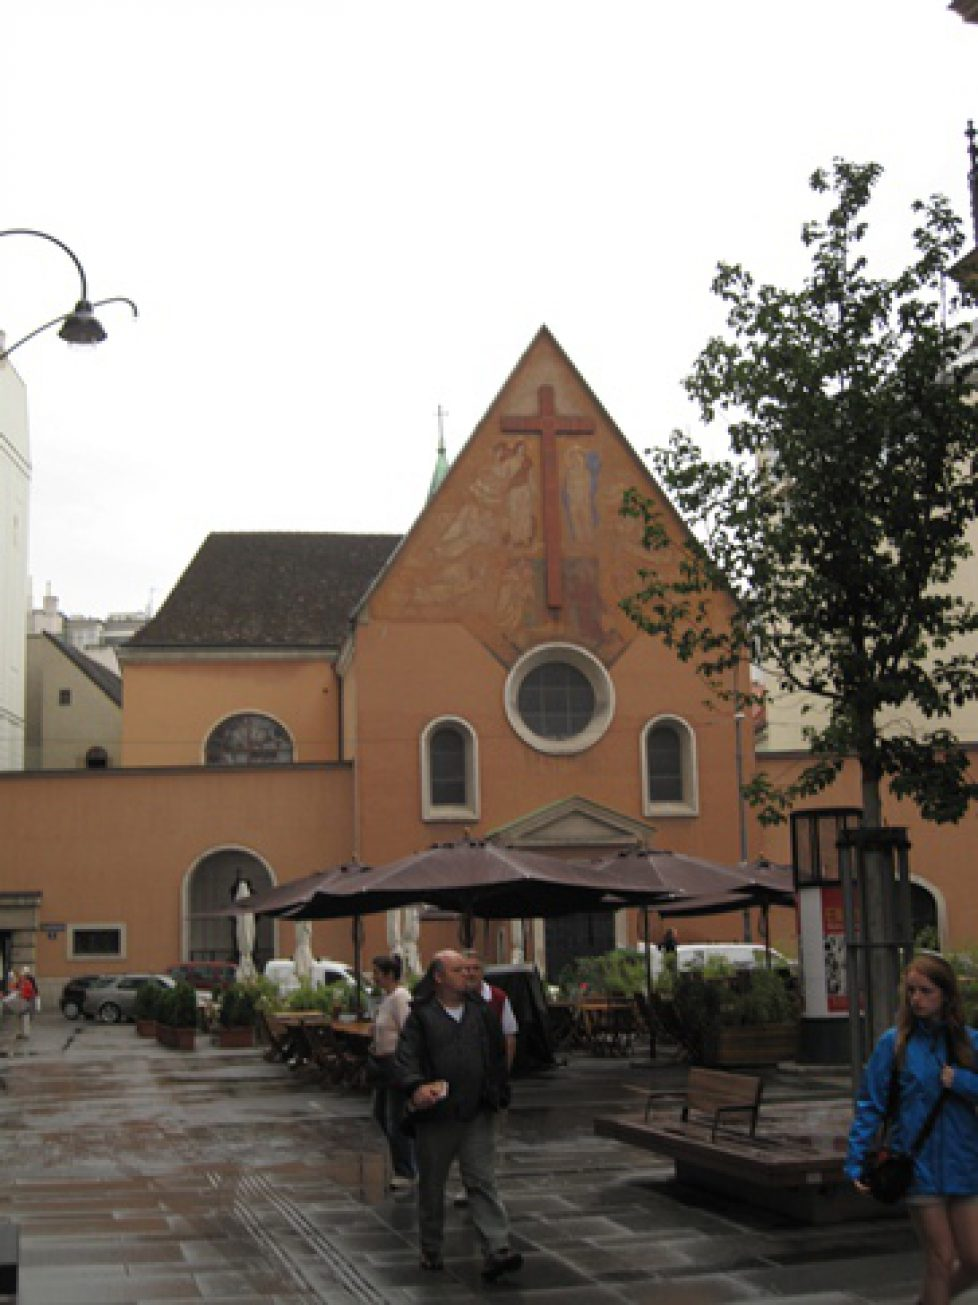 23010+Vienne+Kapuzinerkirche++Kaisergruft+20_07_12